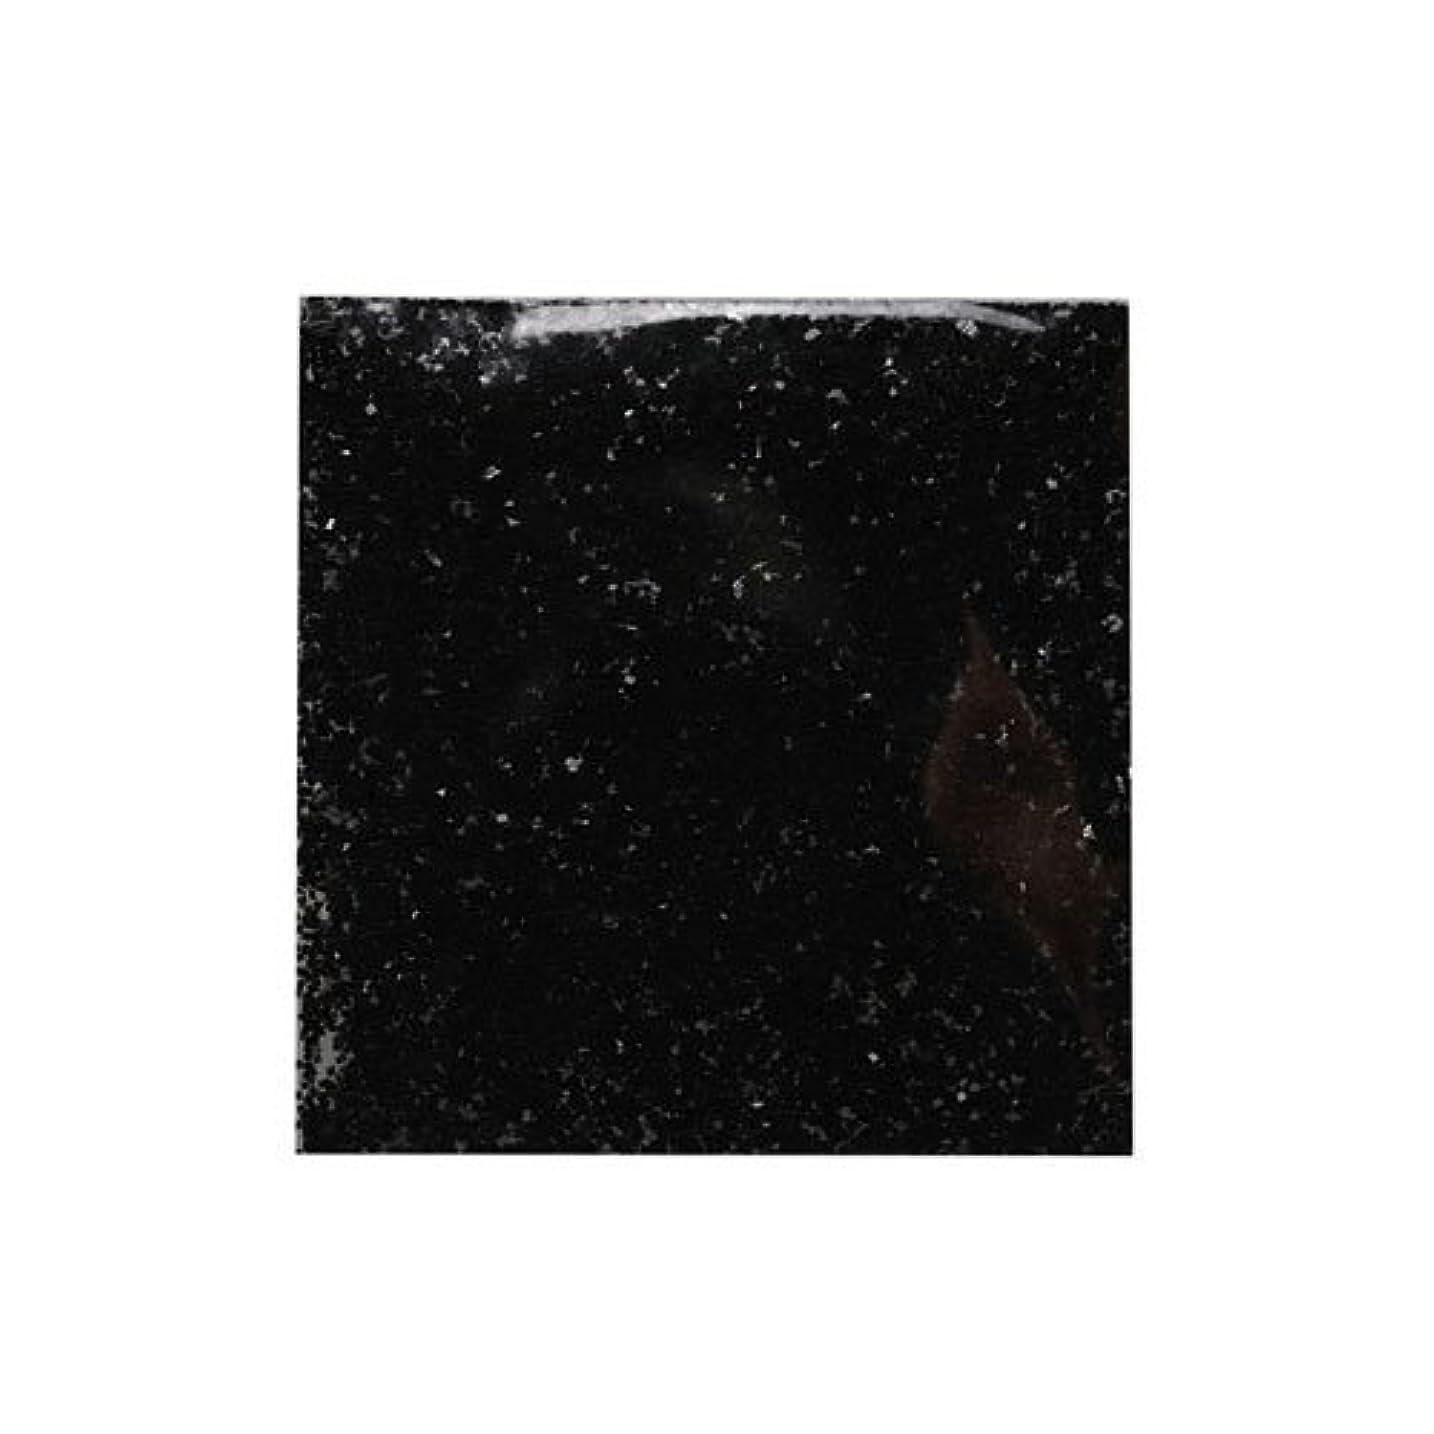 くまディレクター鑑定ピカエース ネイル用パウダー ラメメタリック M #537 ブラック 2g アート材